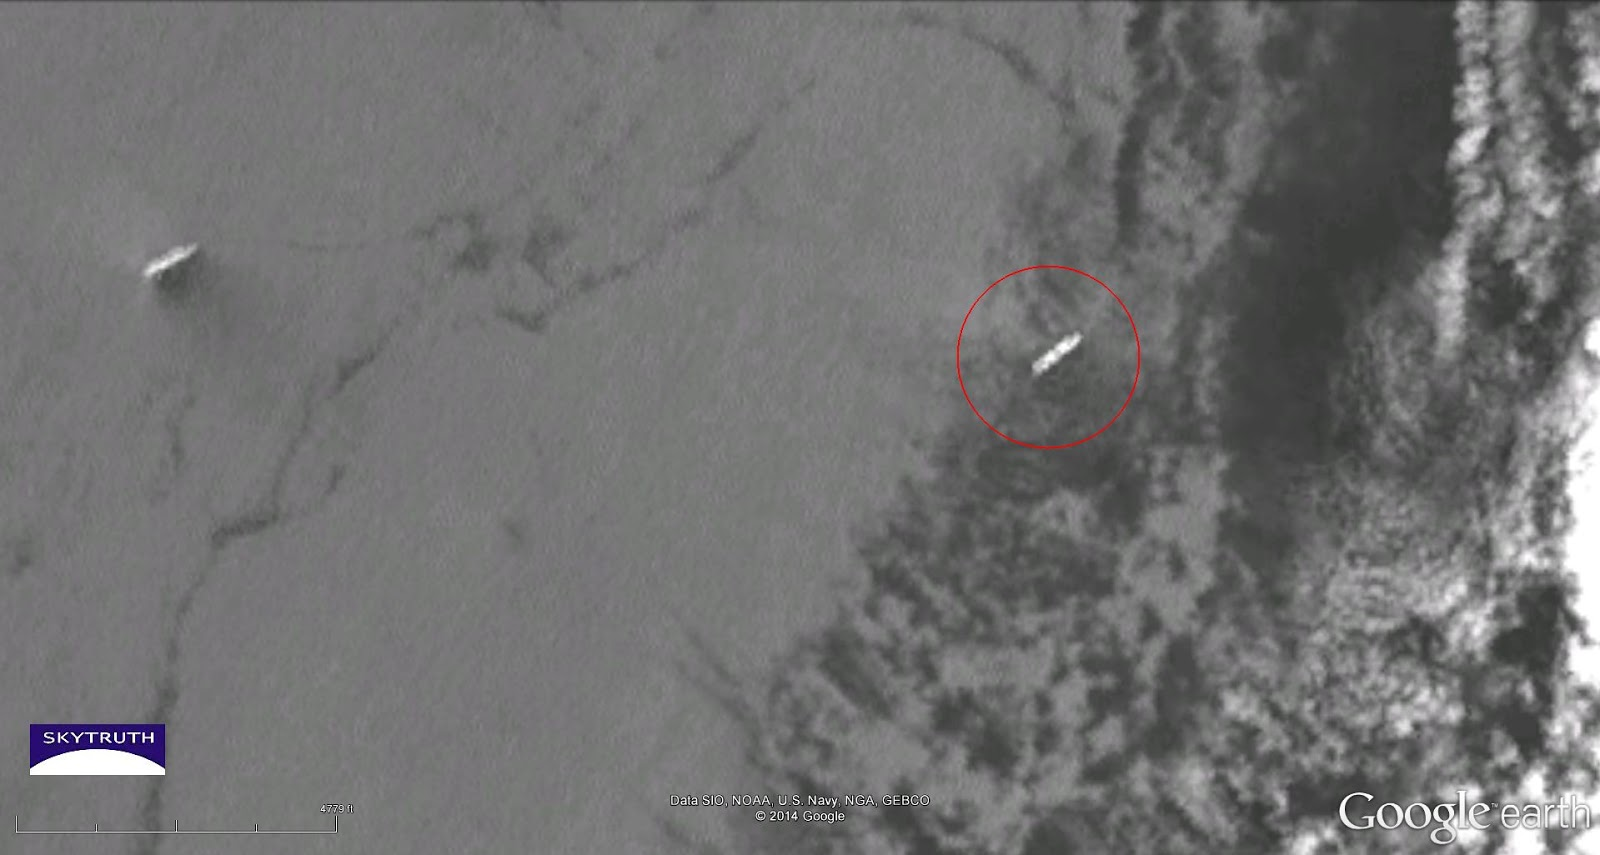 SkyTruth - United Kalavrvta 8-4 Landsat8 pan detail